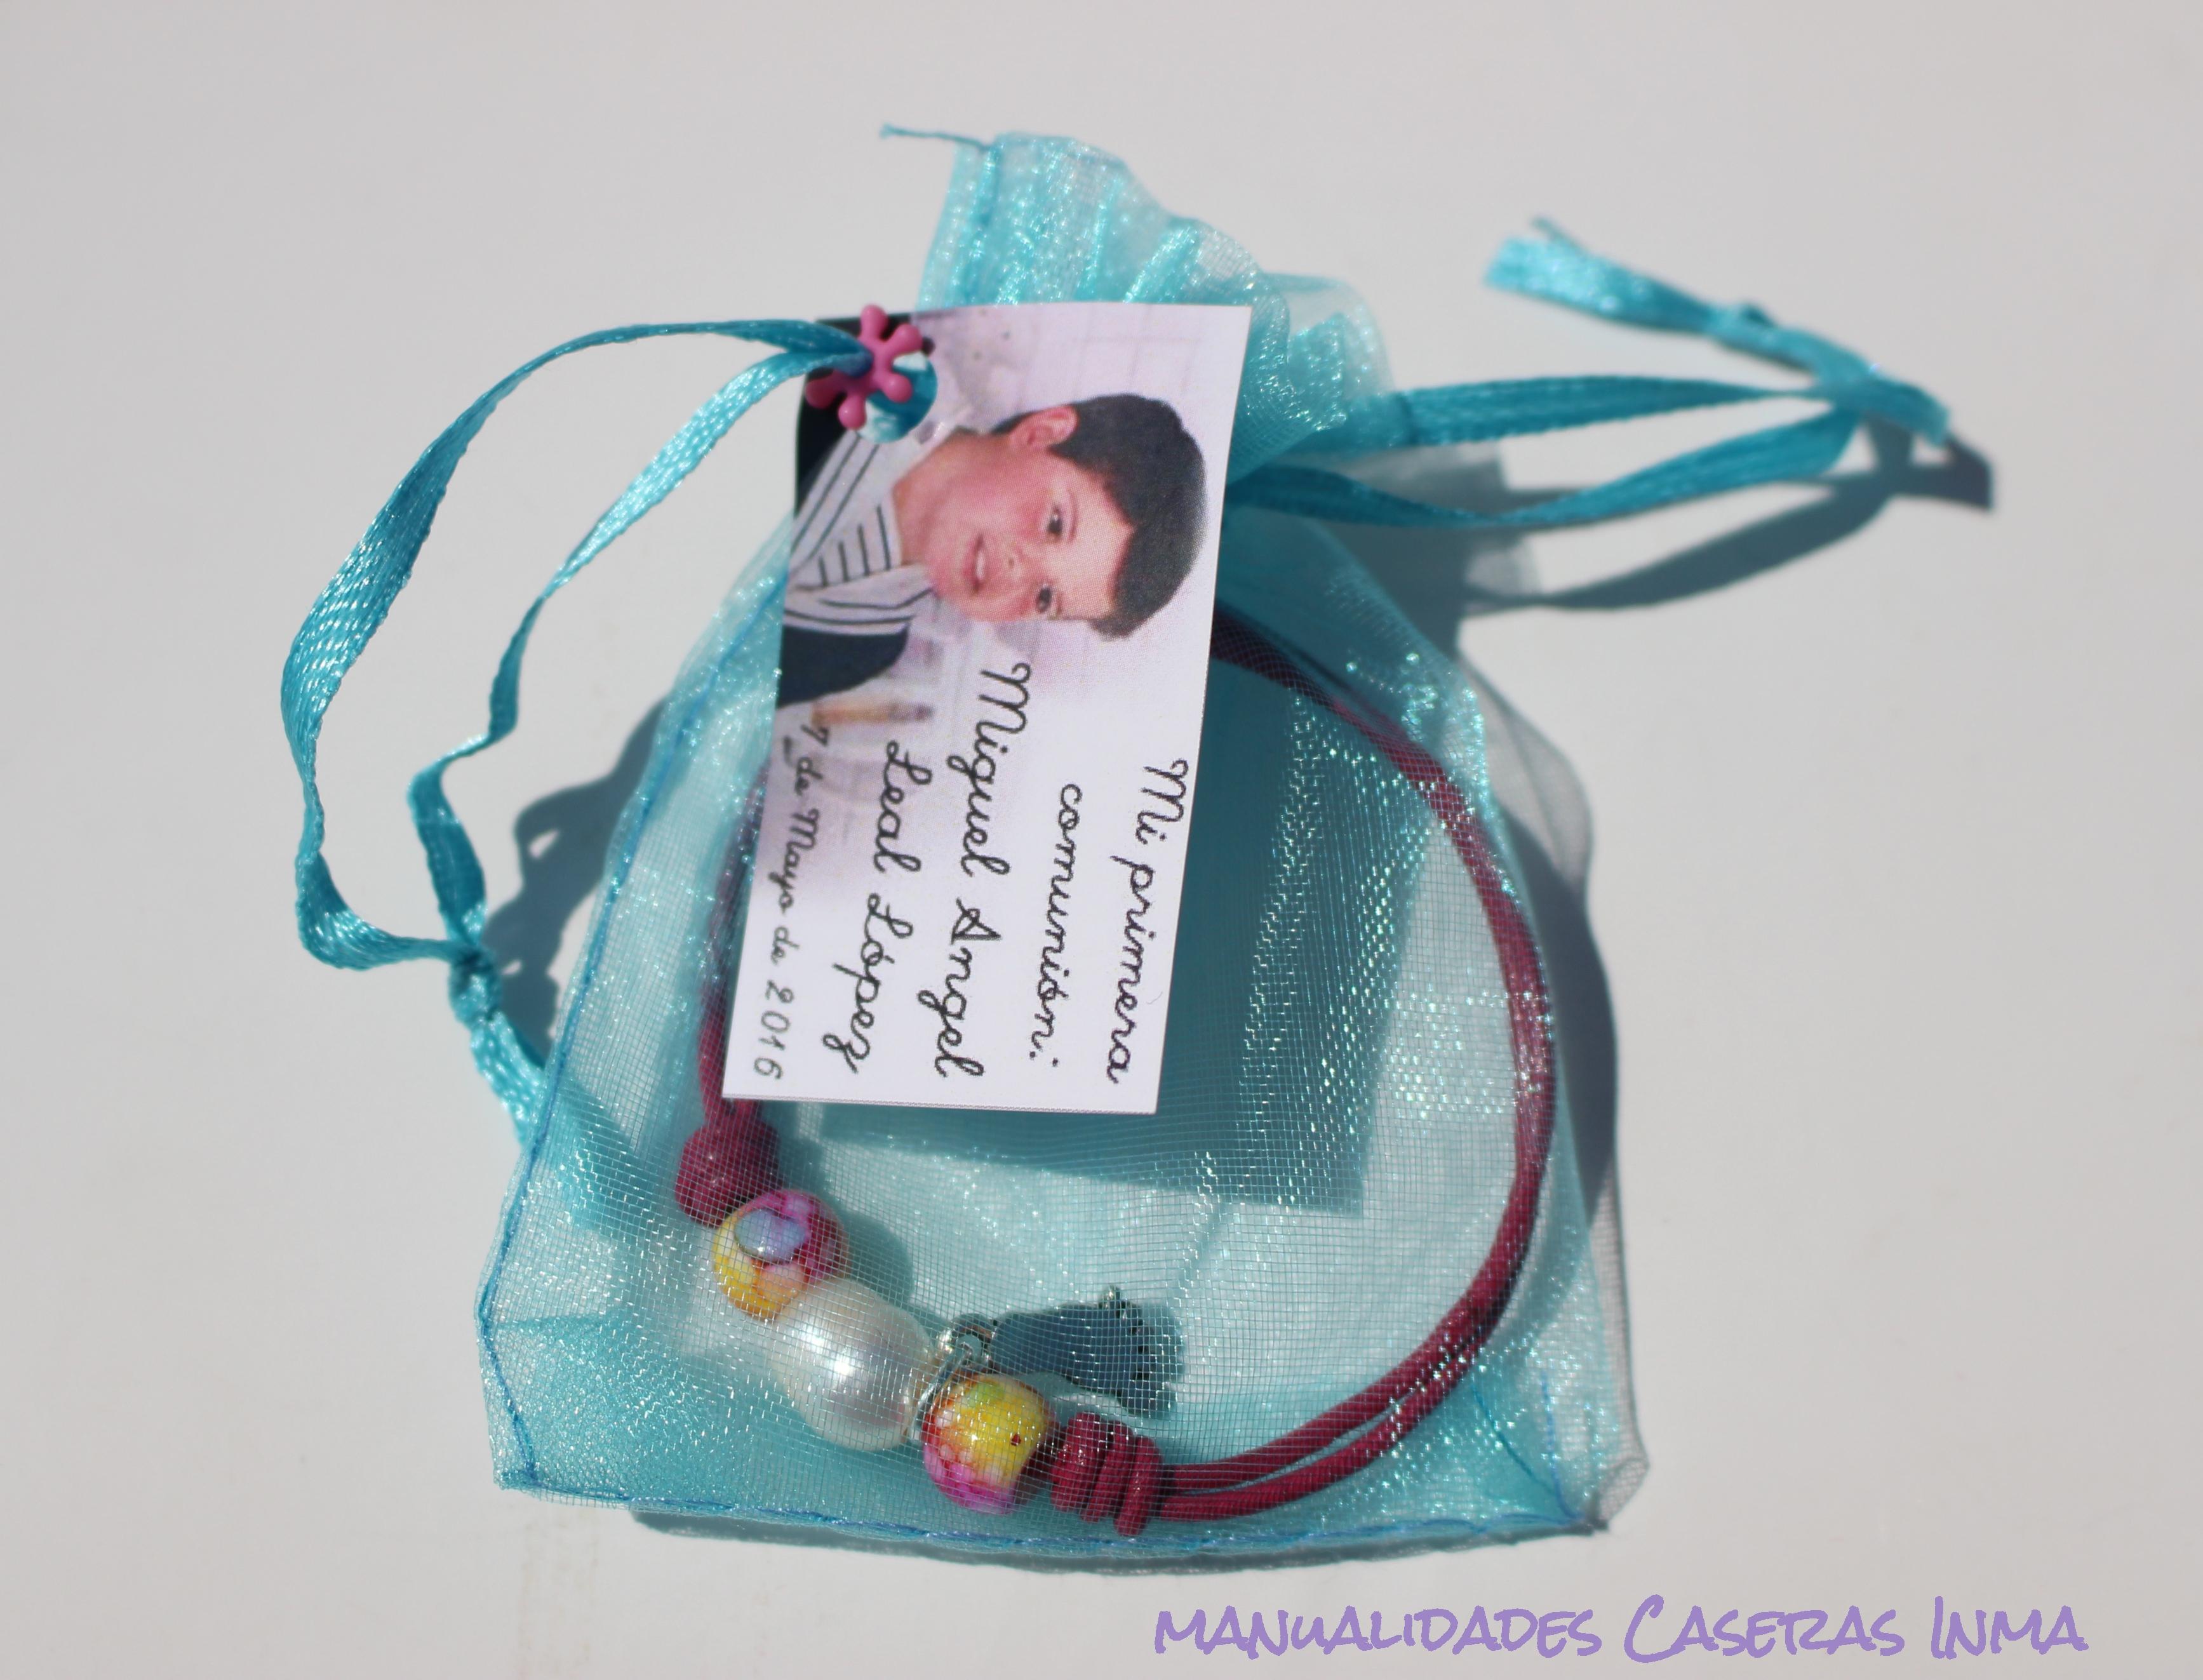 Manualidades Caseras Inma_Recuerdo de comunión _Pulseras cuero de colores con bolsita regalo